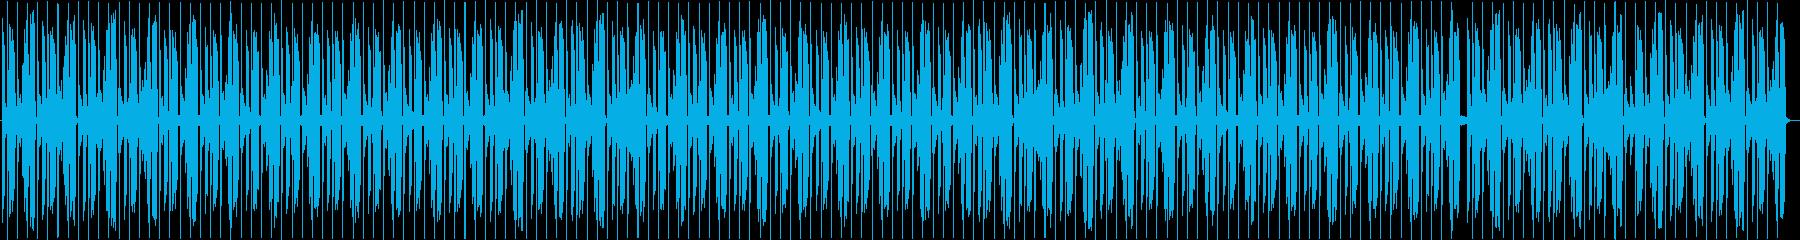 ヒップホップ楽器。圧倒的なストリー...の再生済みの波形